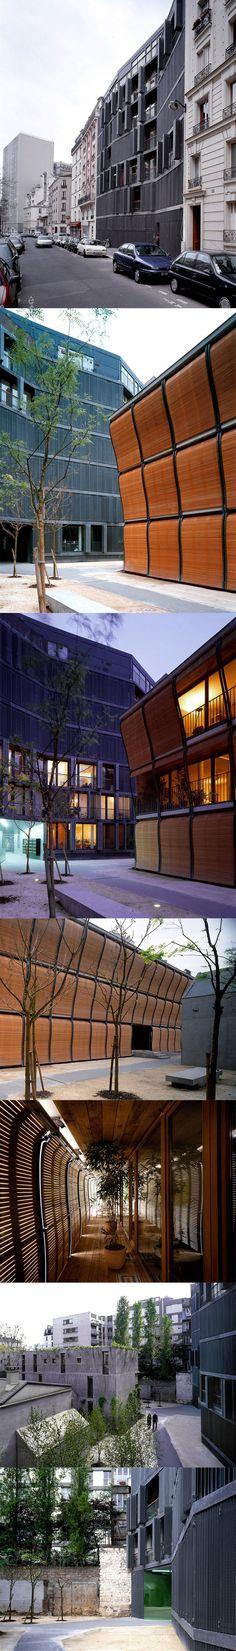 Herzog & de Meuron. Building, 17 rue des suisses Paris 75014